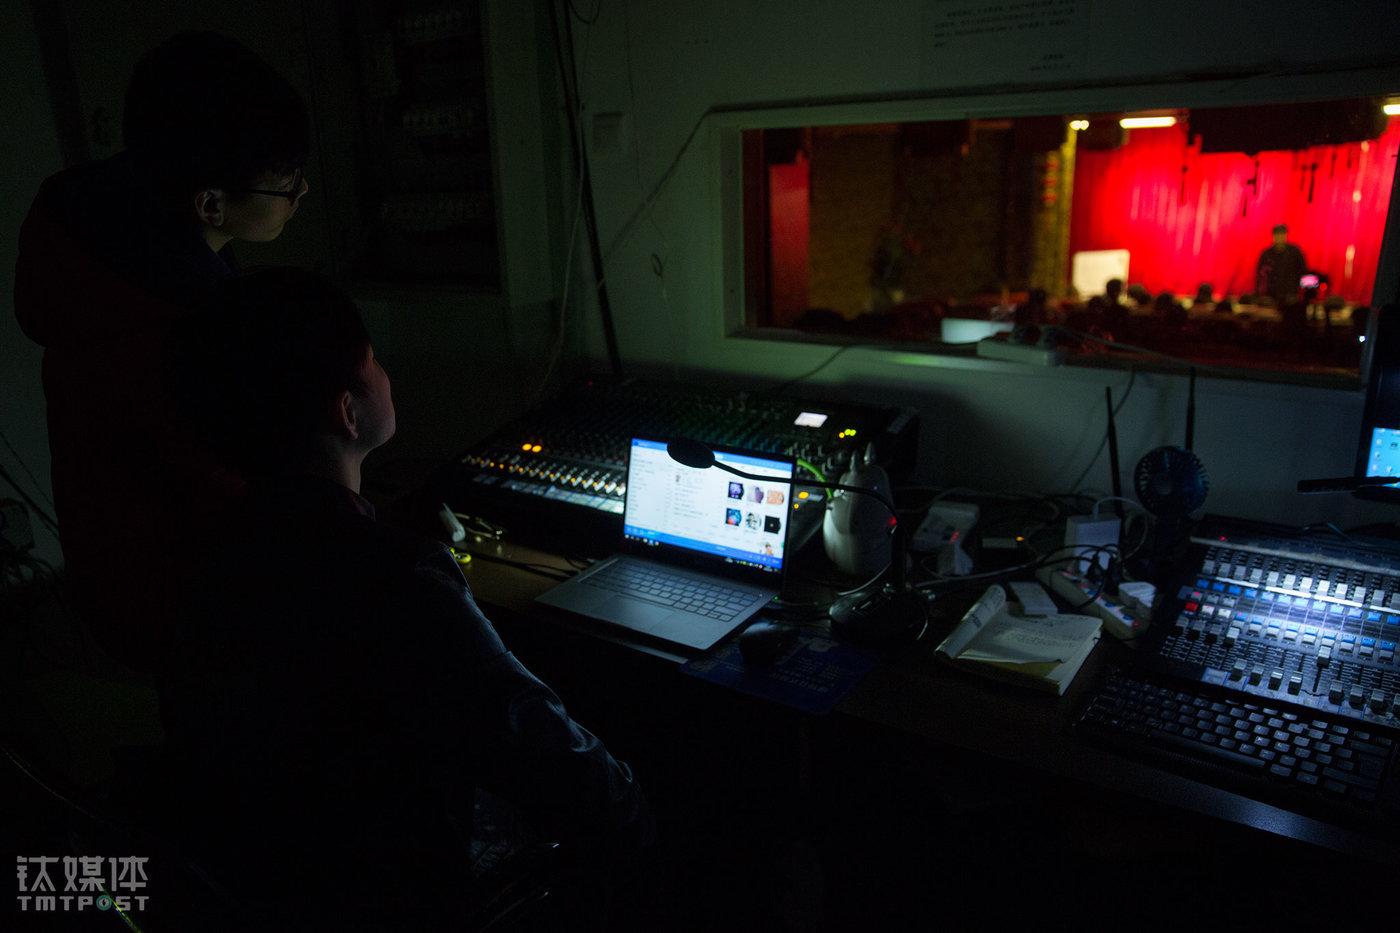 剧场控制室,没有参加演出的其他演员负责舞台灯光、音乐的控制。